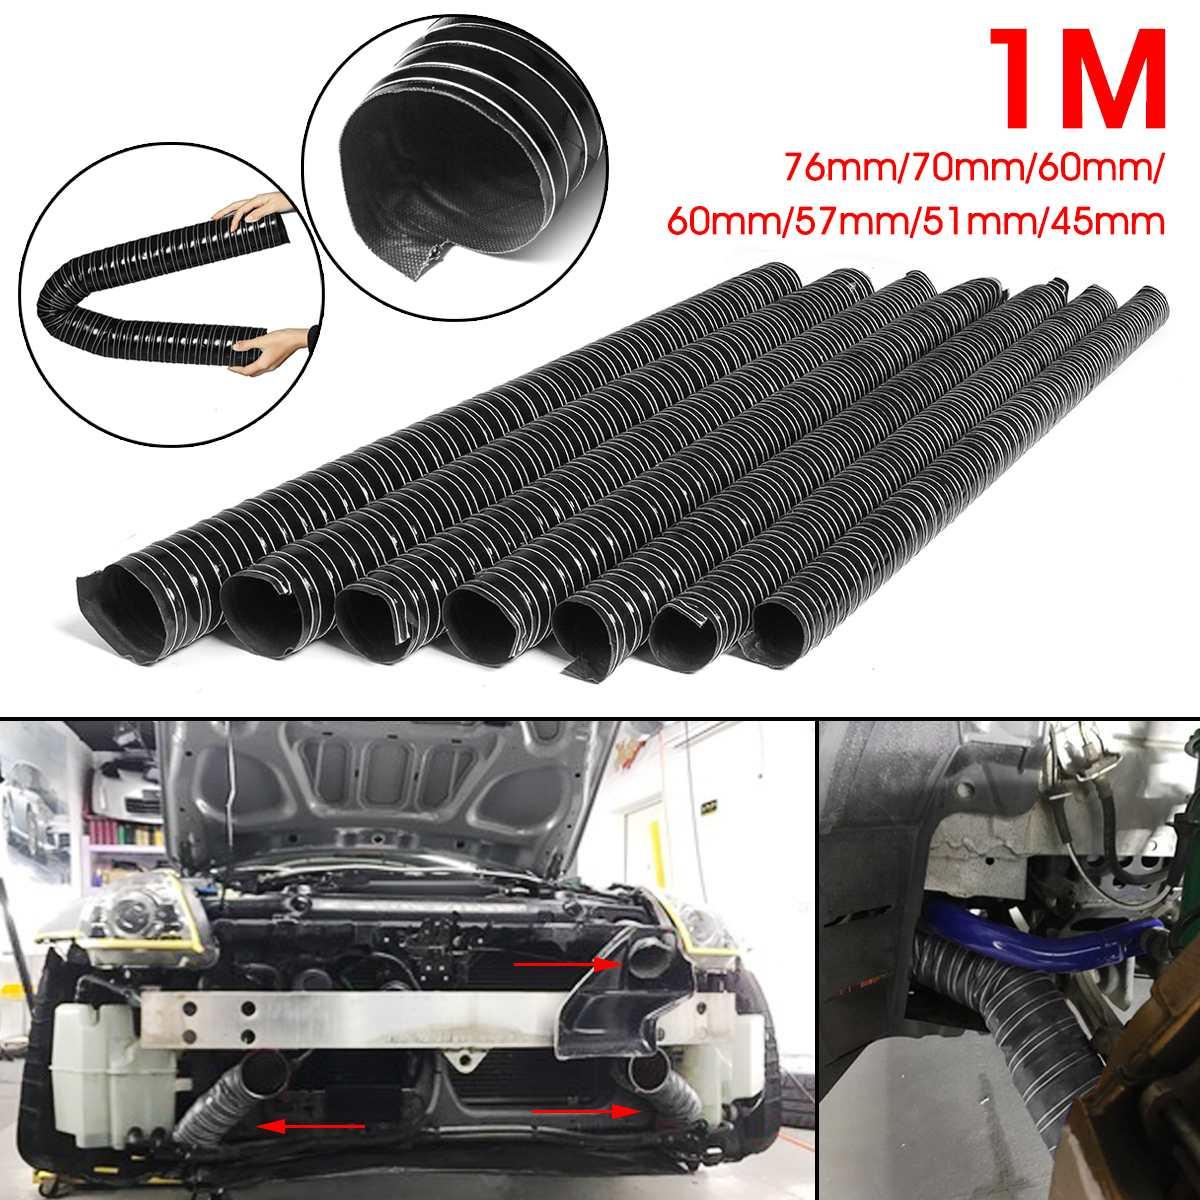 רכב הוד צריכת אוויר צינור 1m אוויר Ducting צינור צינור 76/70/63/60/57 /51/45mm גמיש מסנן צינור אוניברסלי